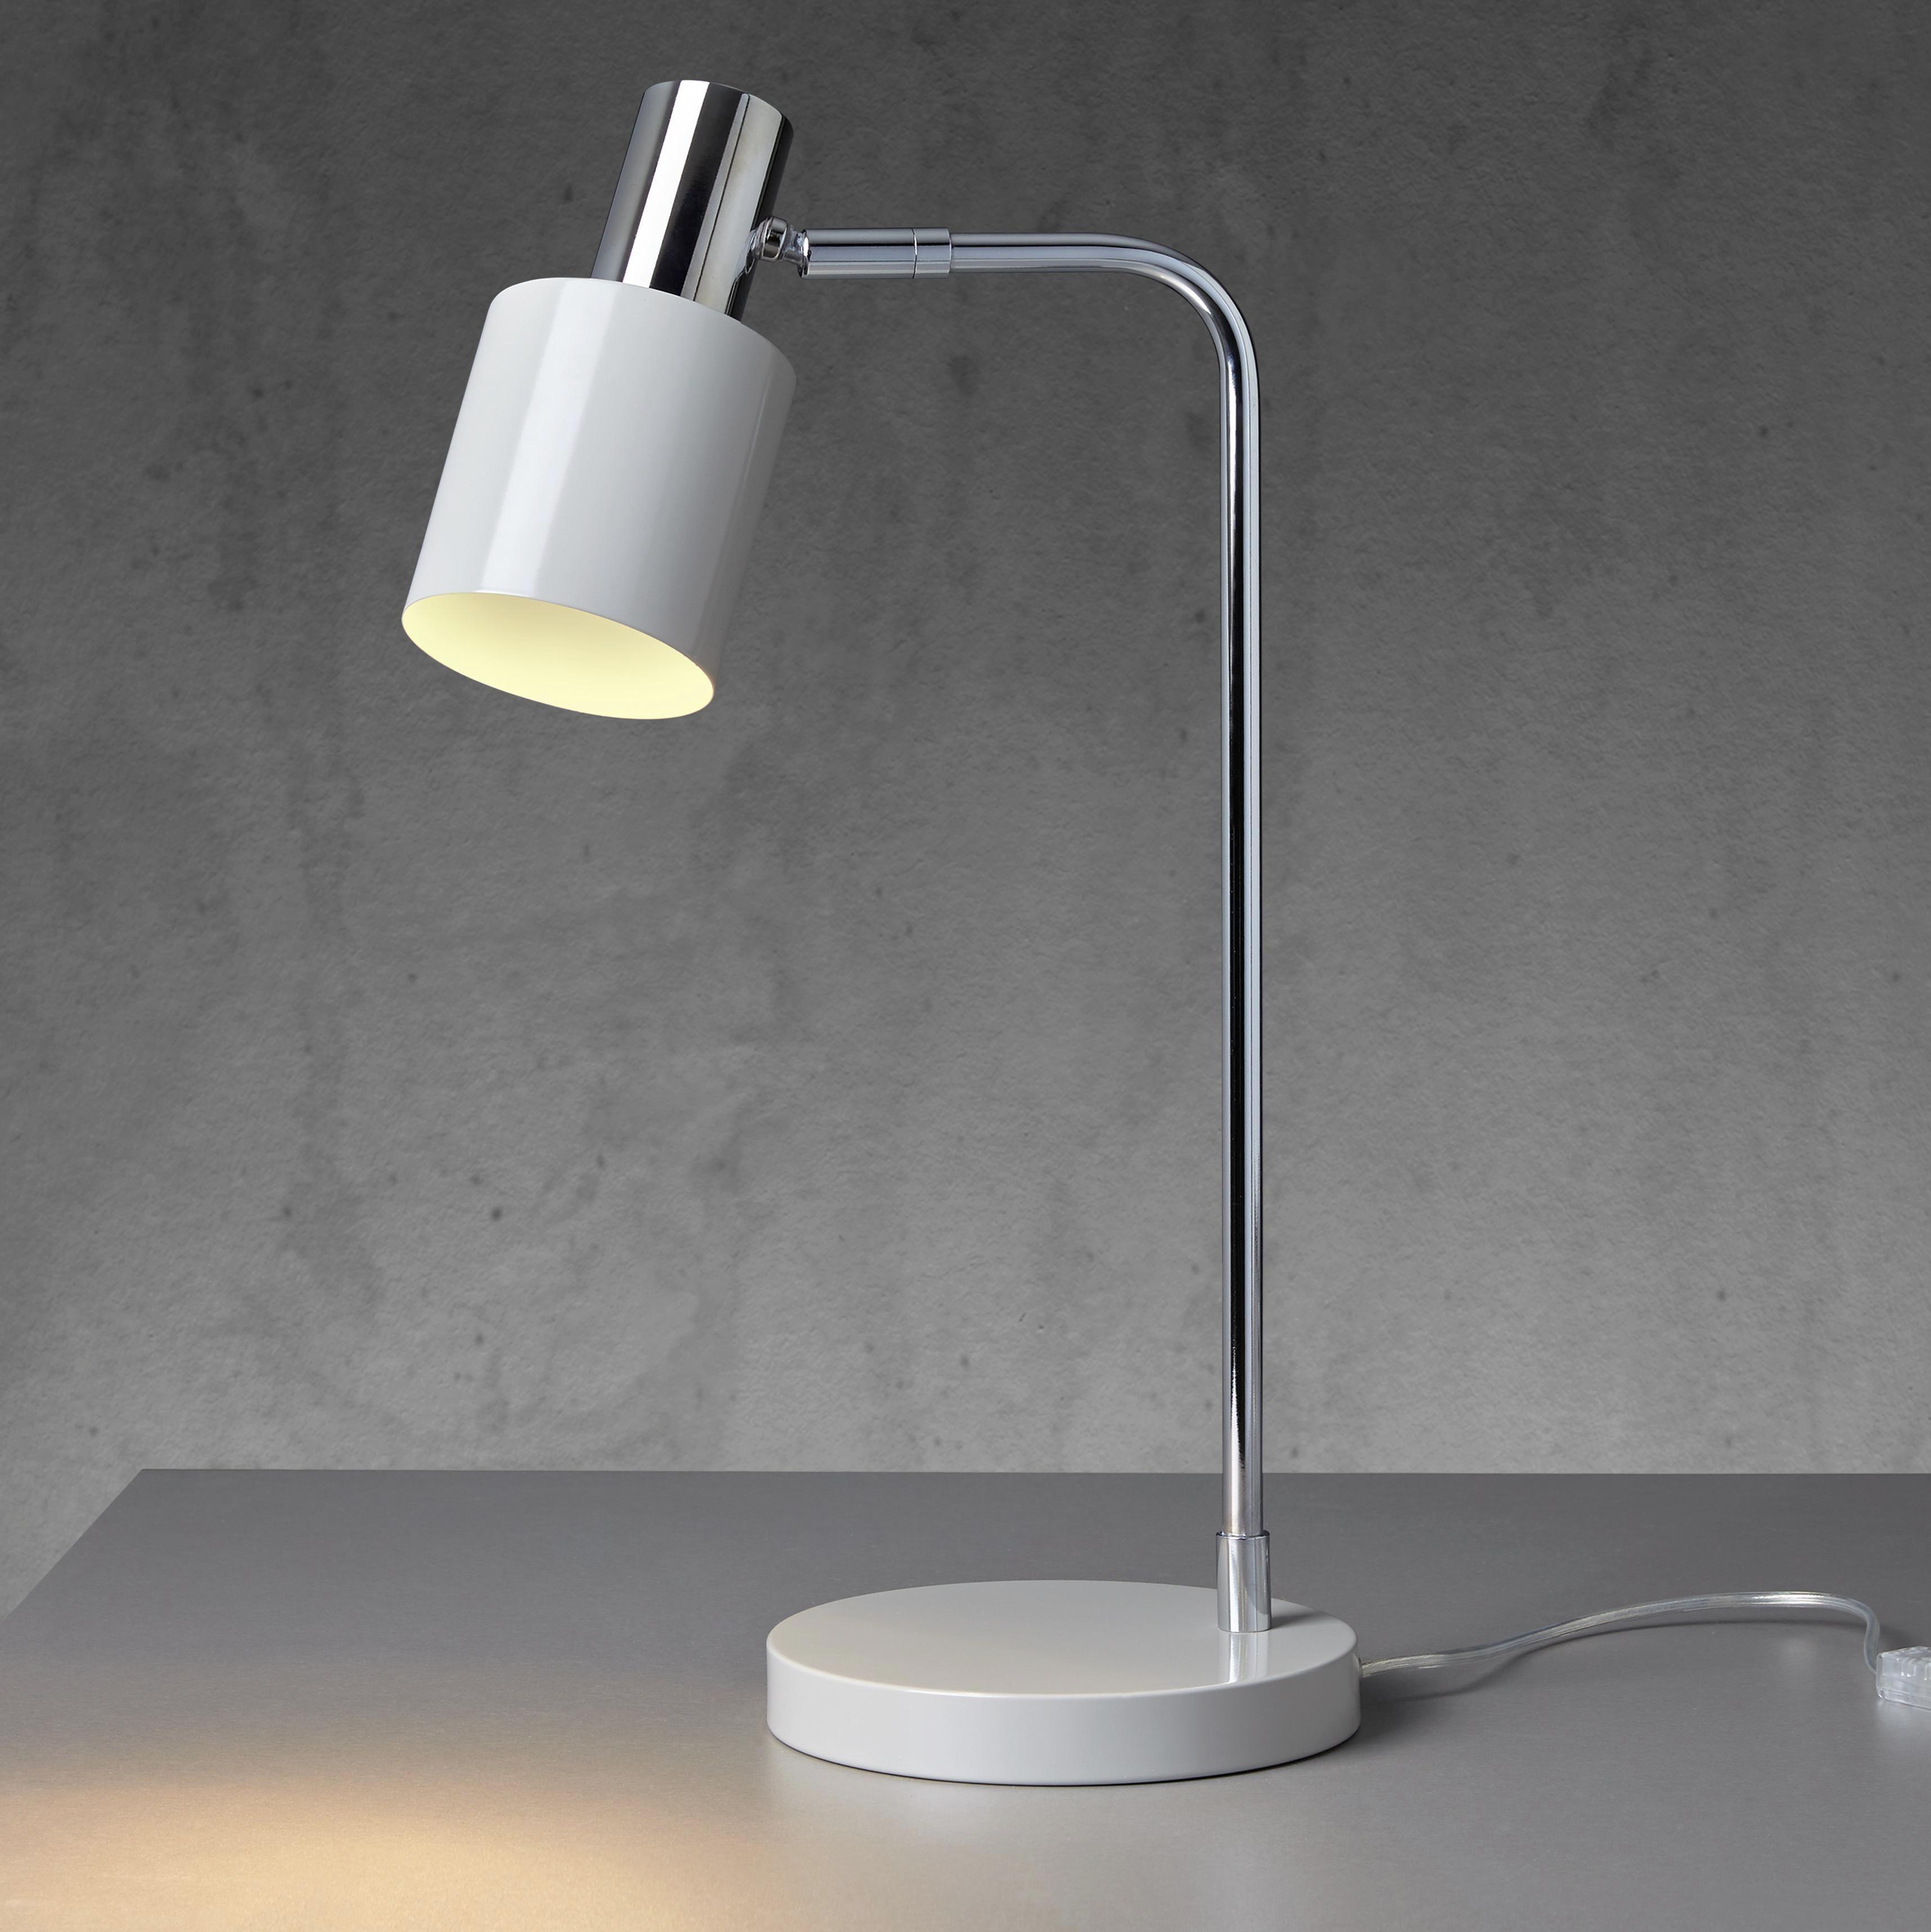 Tischleuchte Max 40 Watt Illya Tischleuchte Beleuchtung